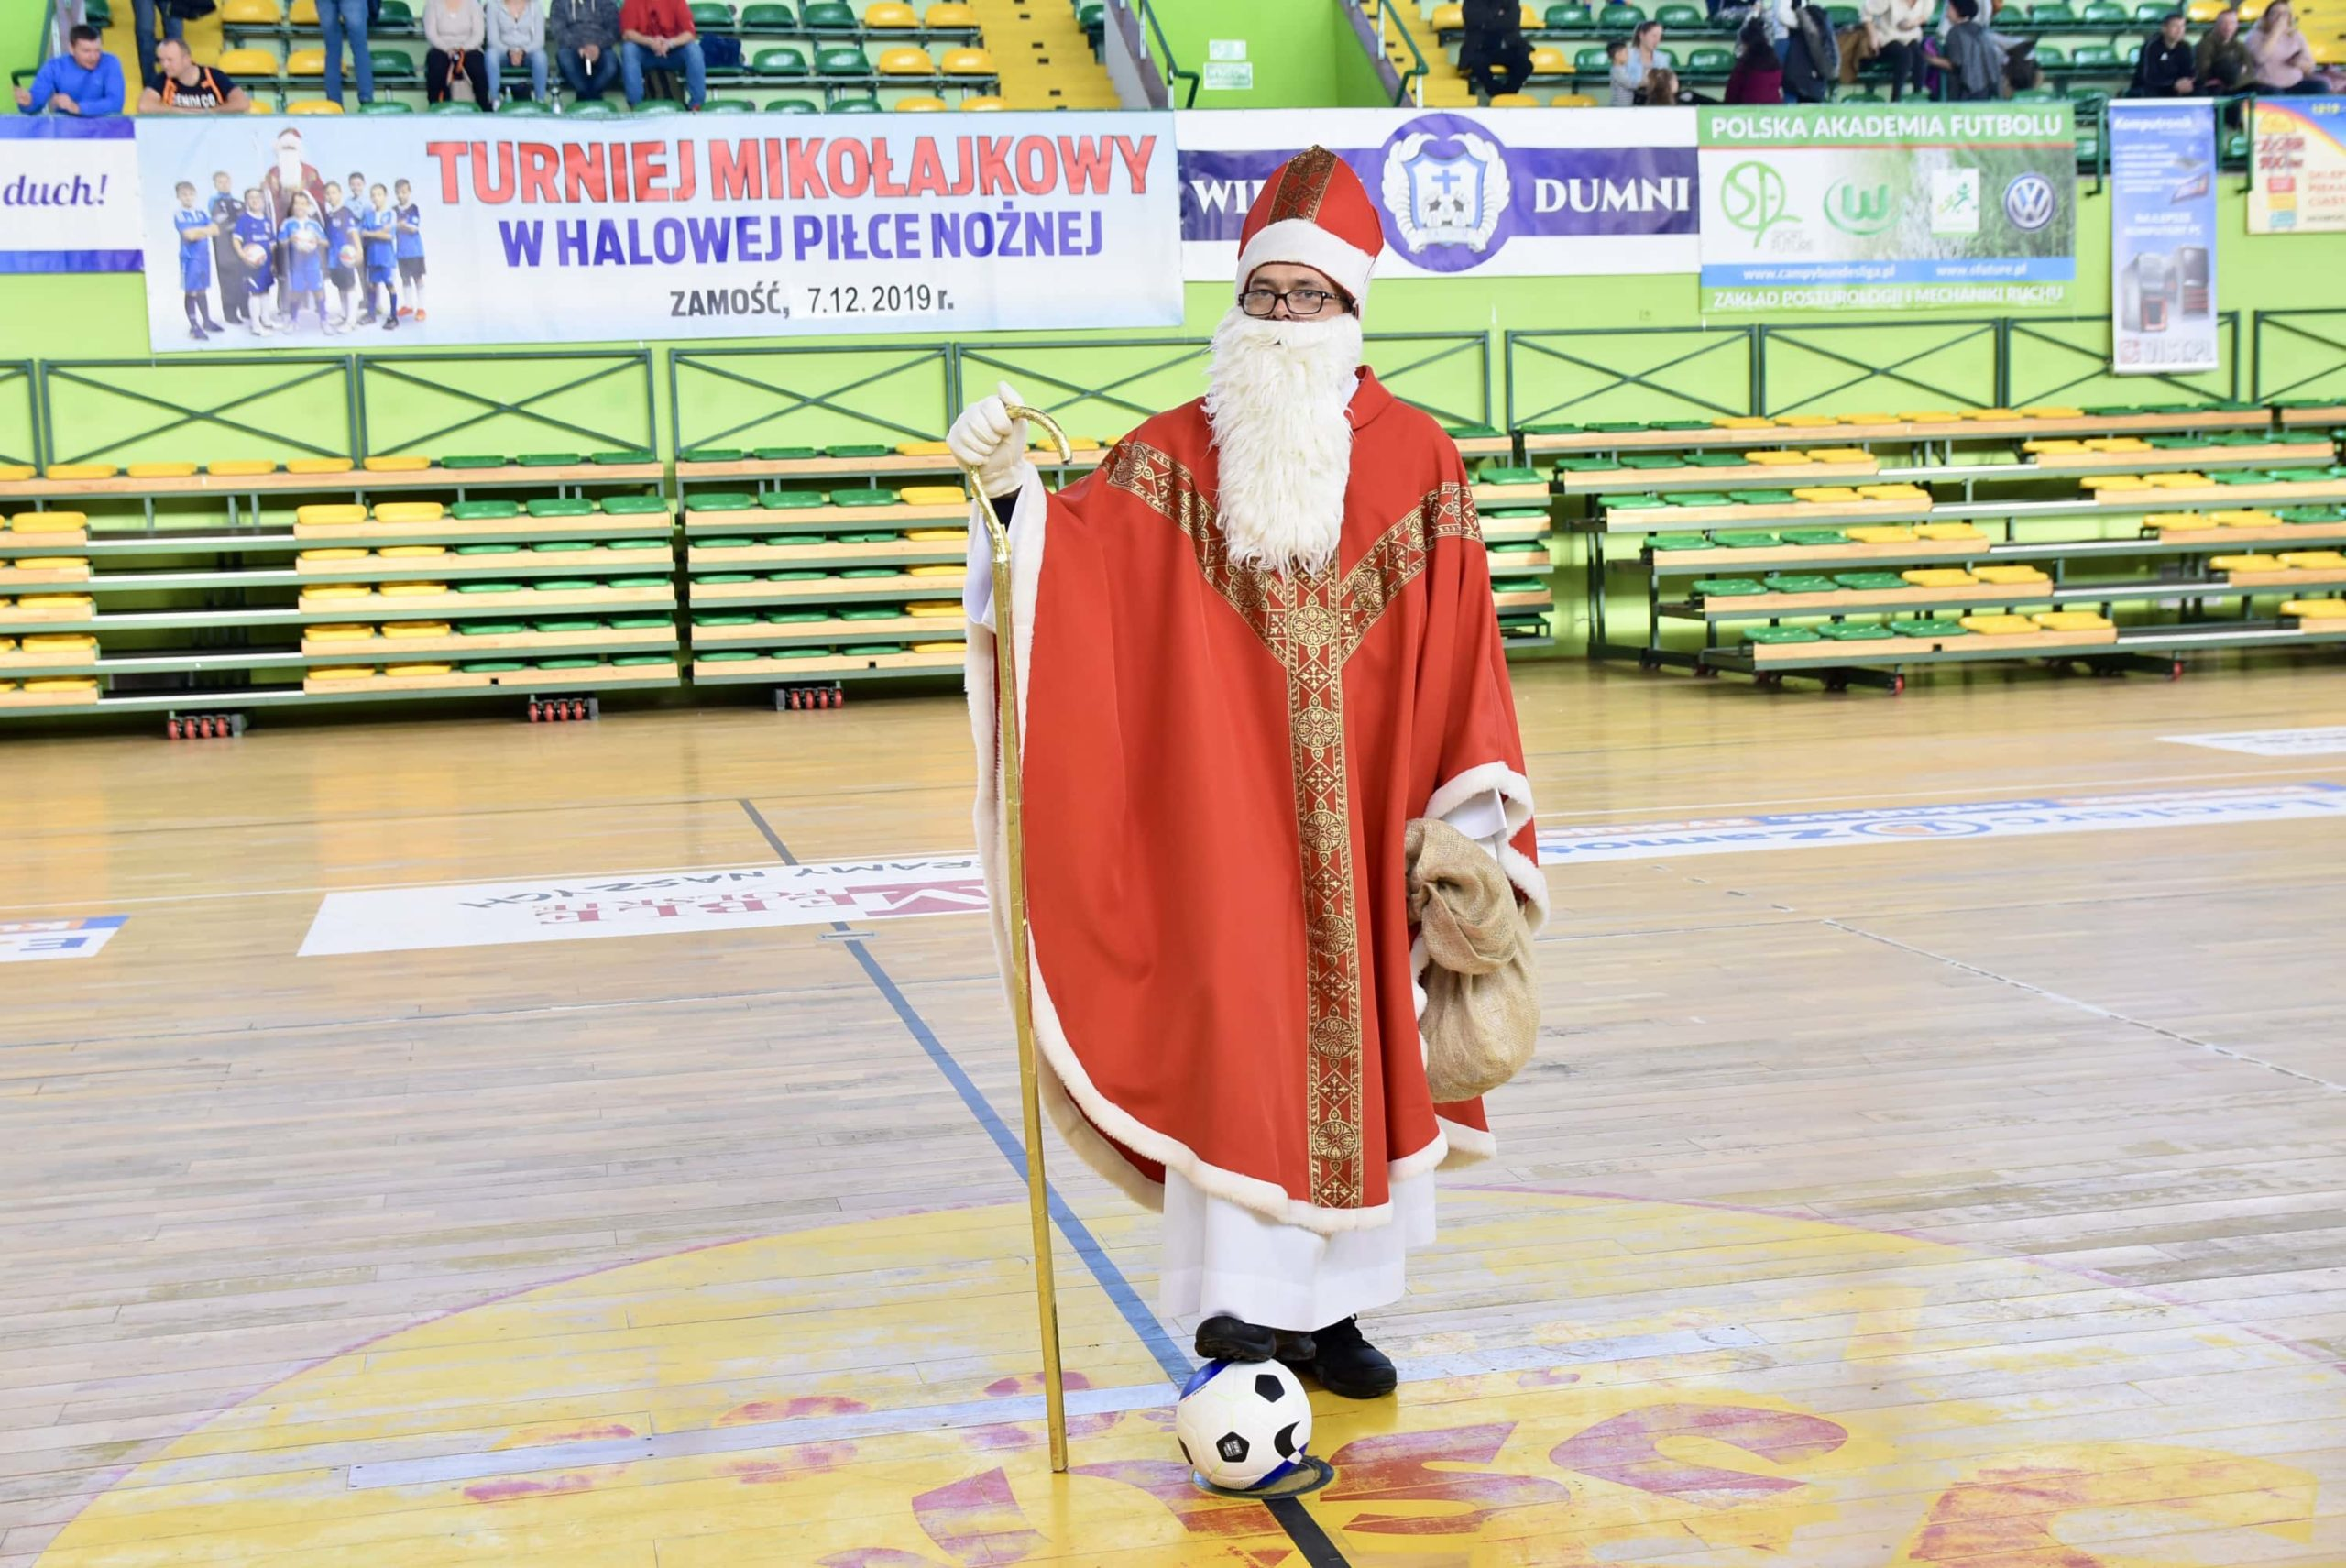 dsc 1069 scaled 1 Halówka z Mikołajem (dużo zdjęć)